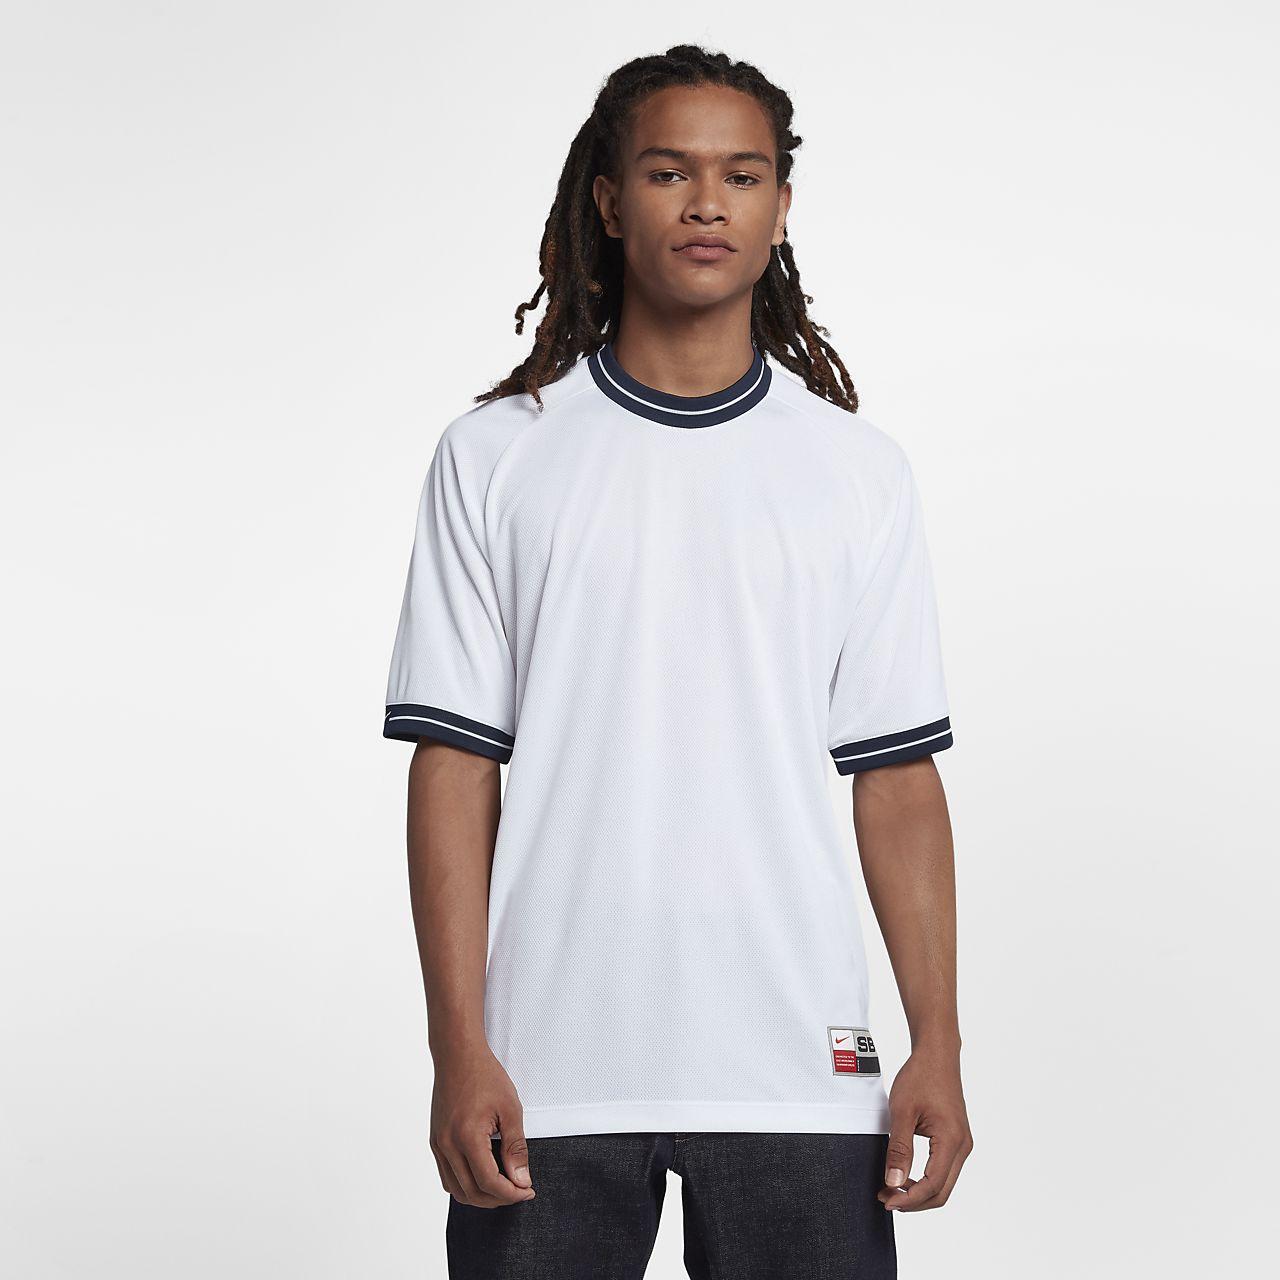 Nike SB Dri-FIT 男子短袖上衣